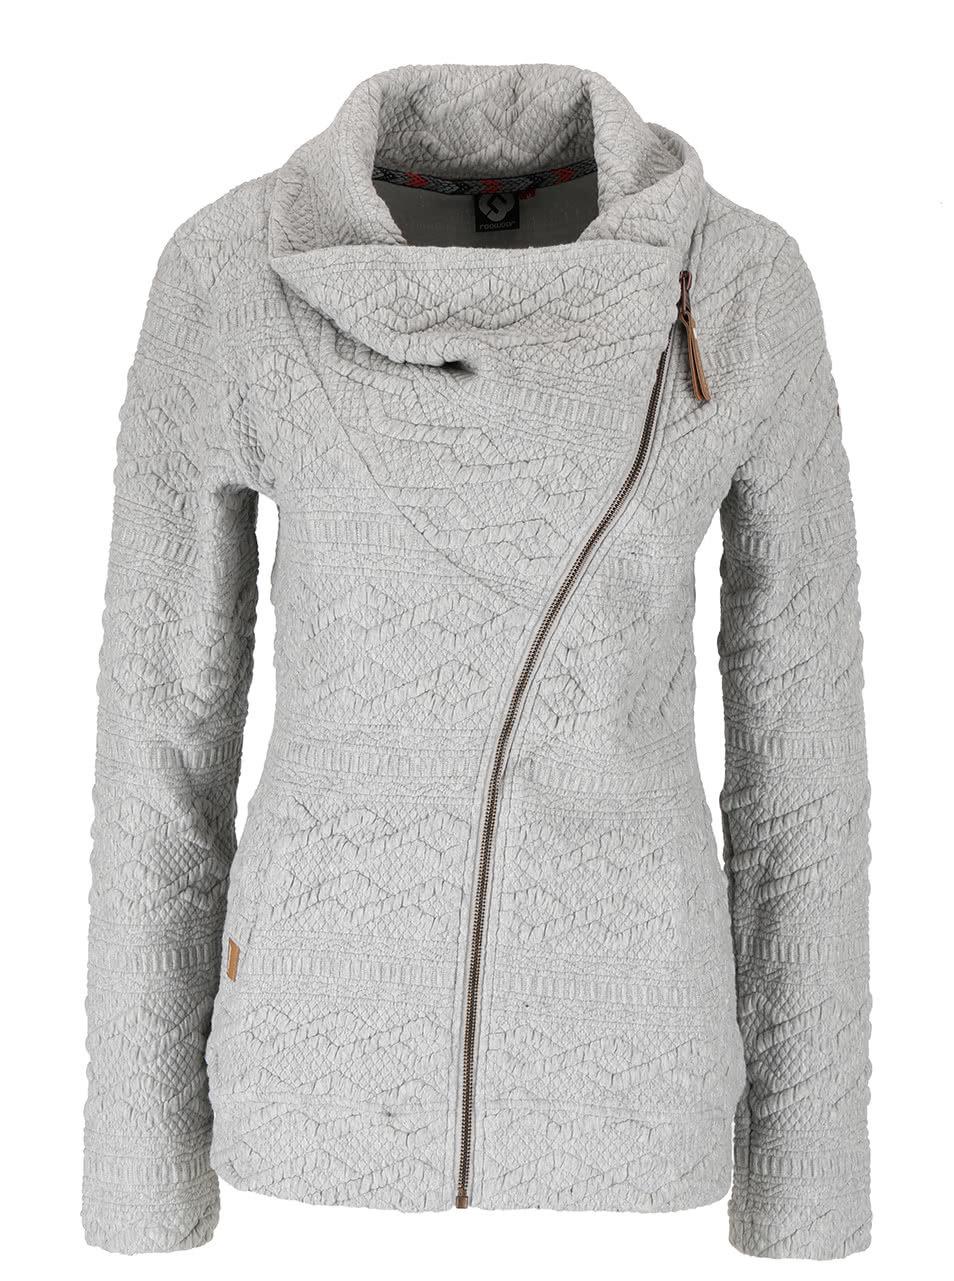 Světle šedá dámská mikina s asymetrickým zipem Ragwear Swing B ... 42a6a819c3